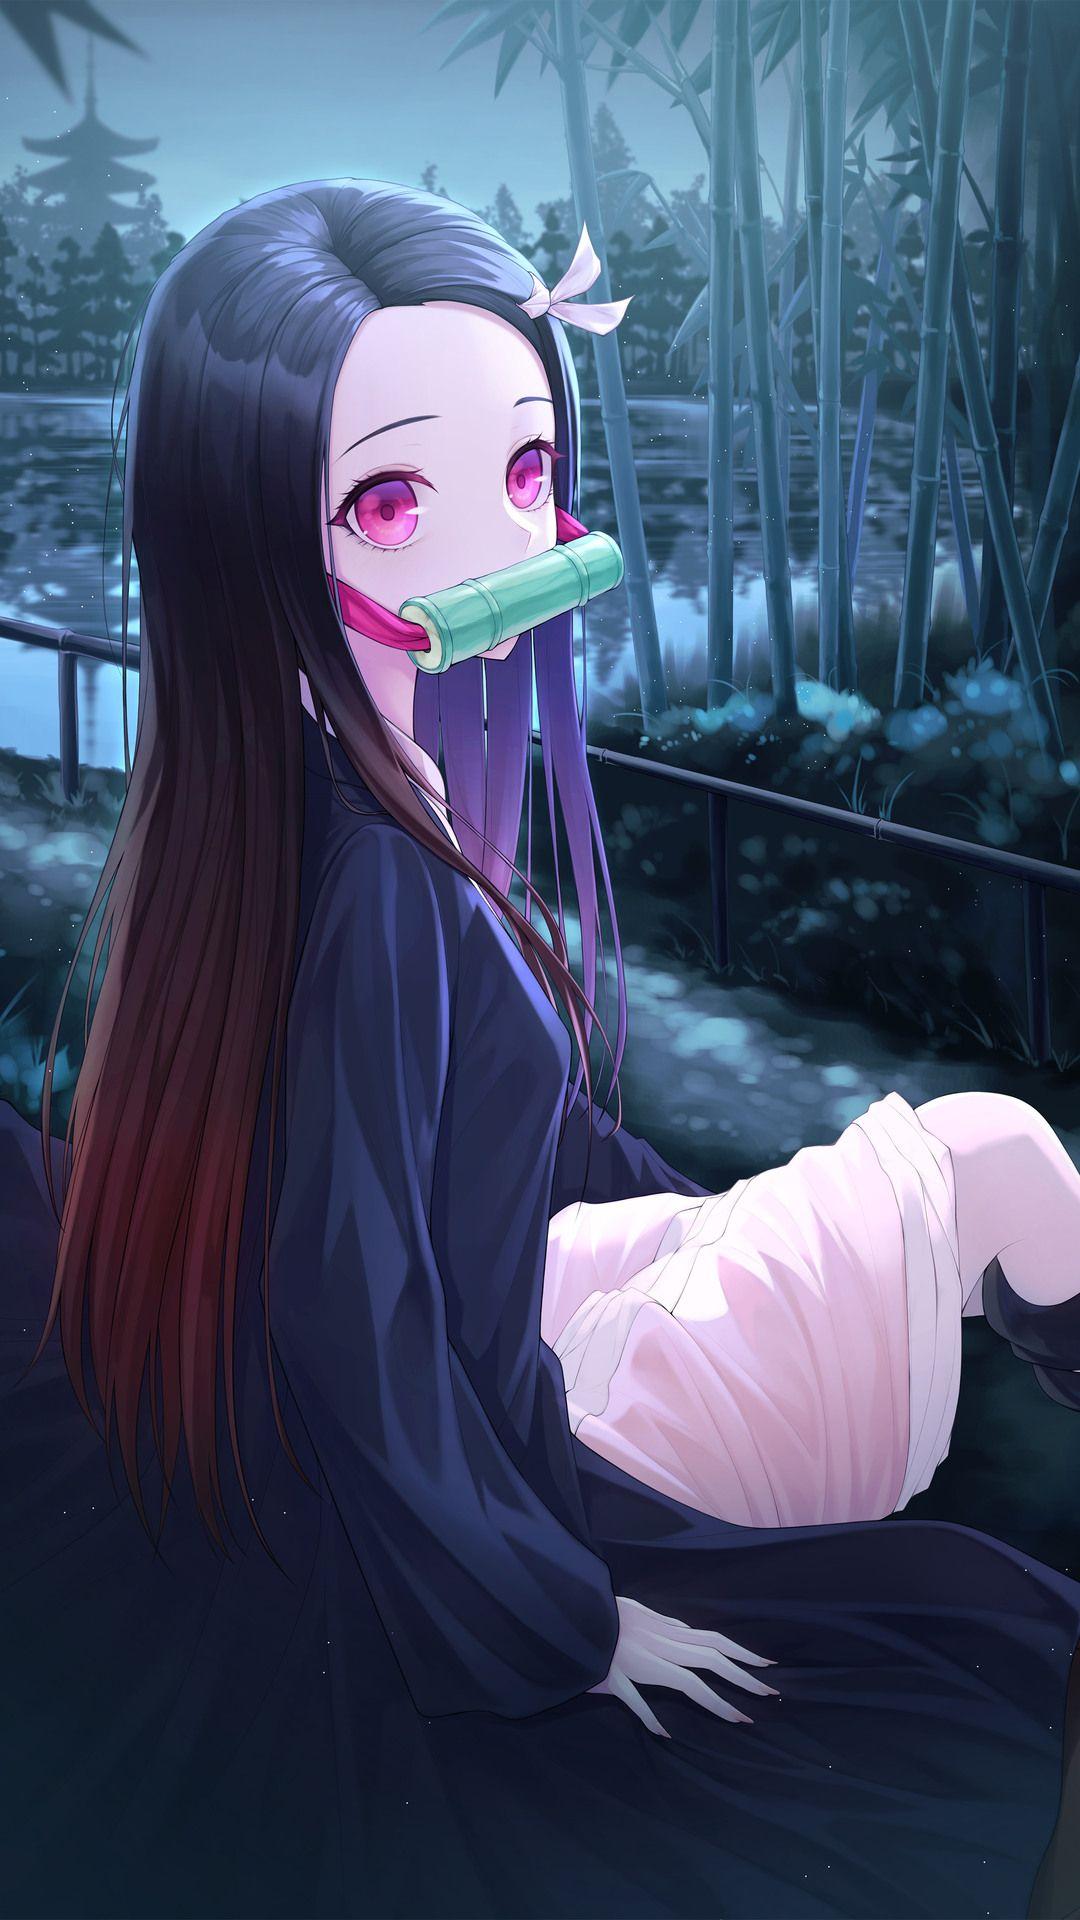 Kamado Nezuko Wallpaper Hình ảnh, Anime, Hoạt hình